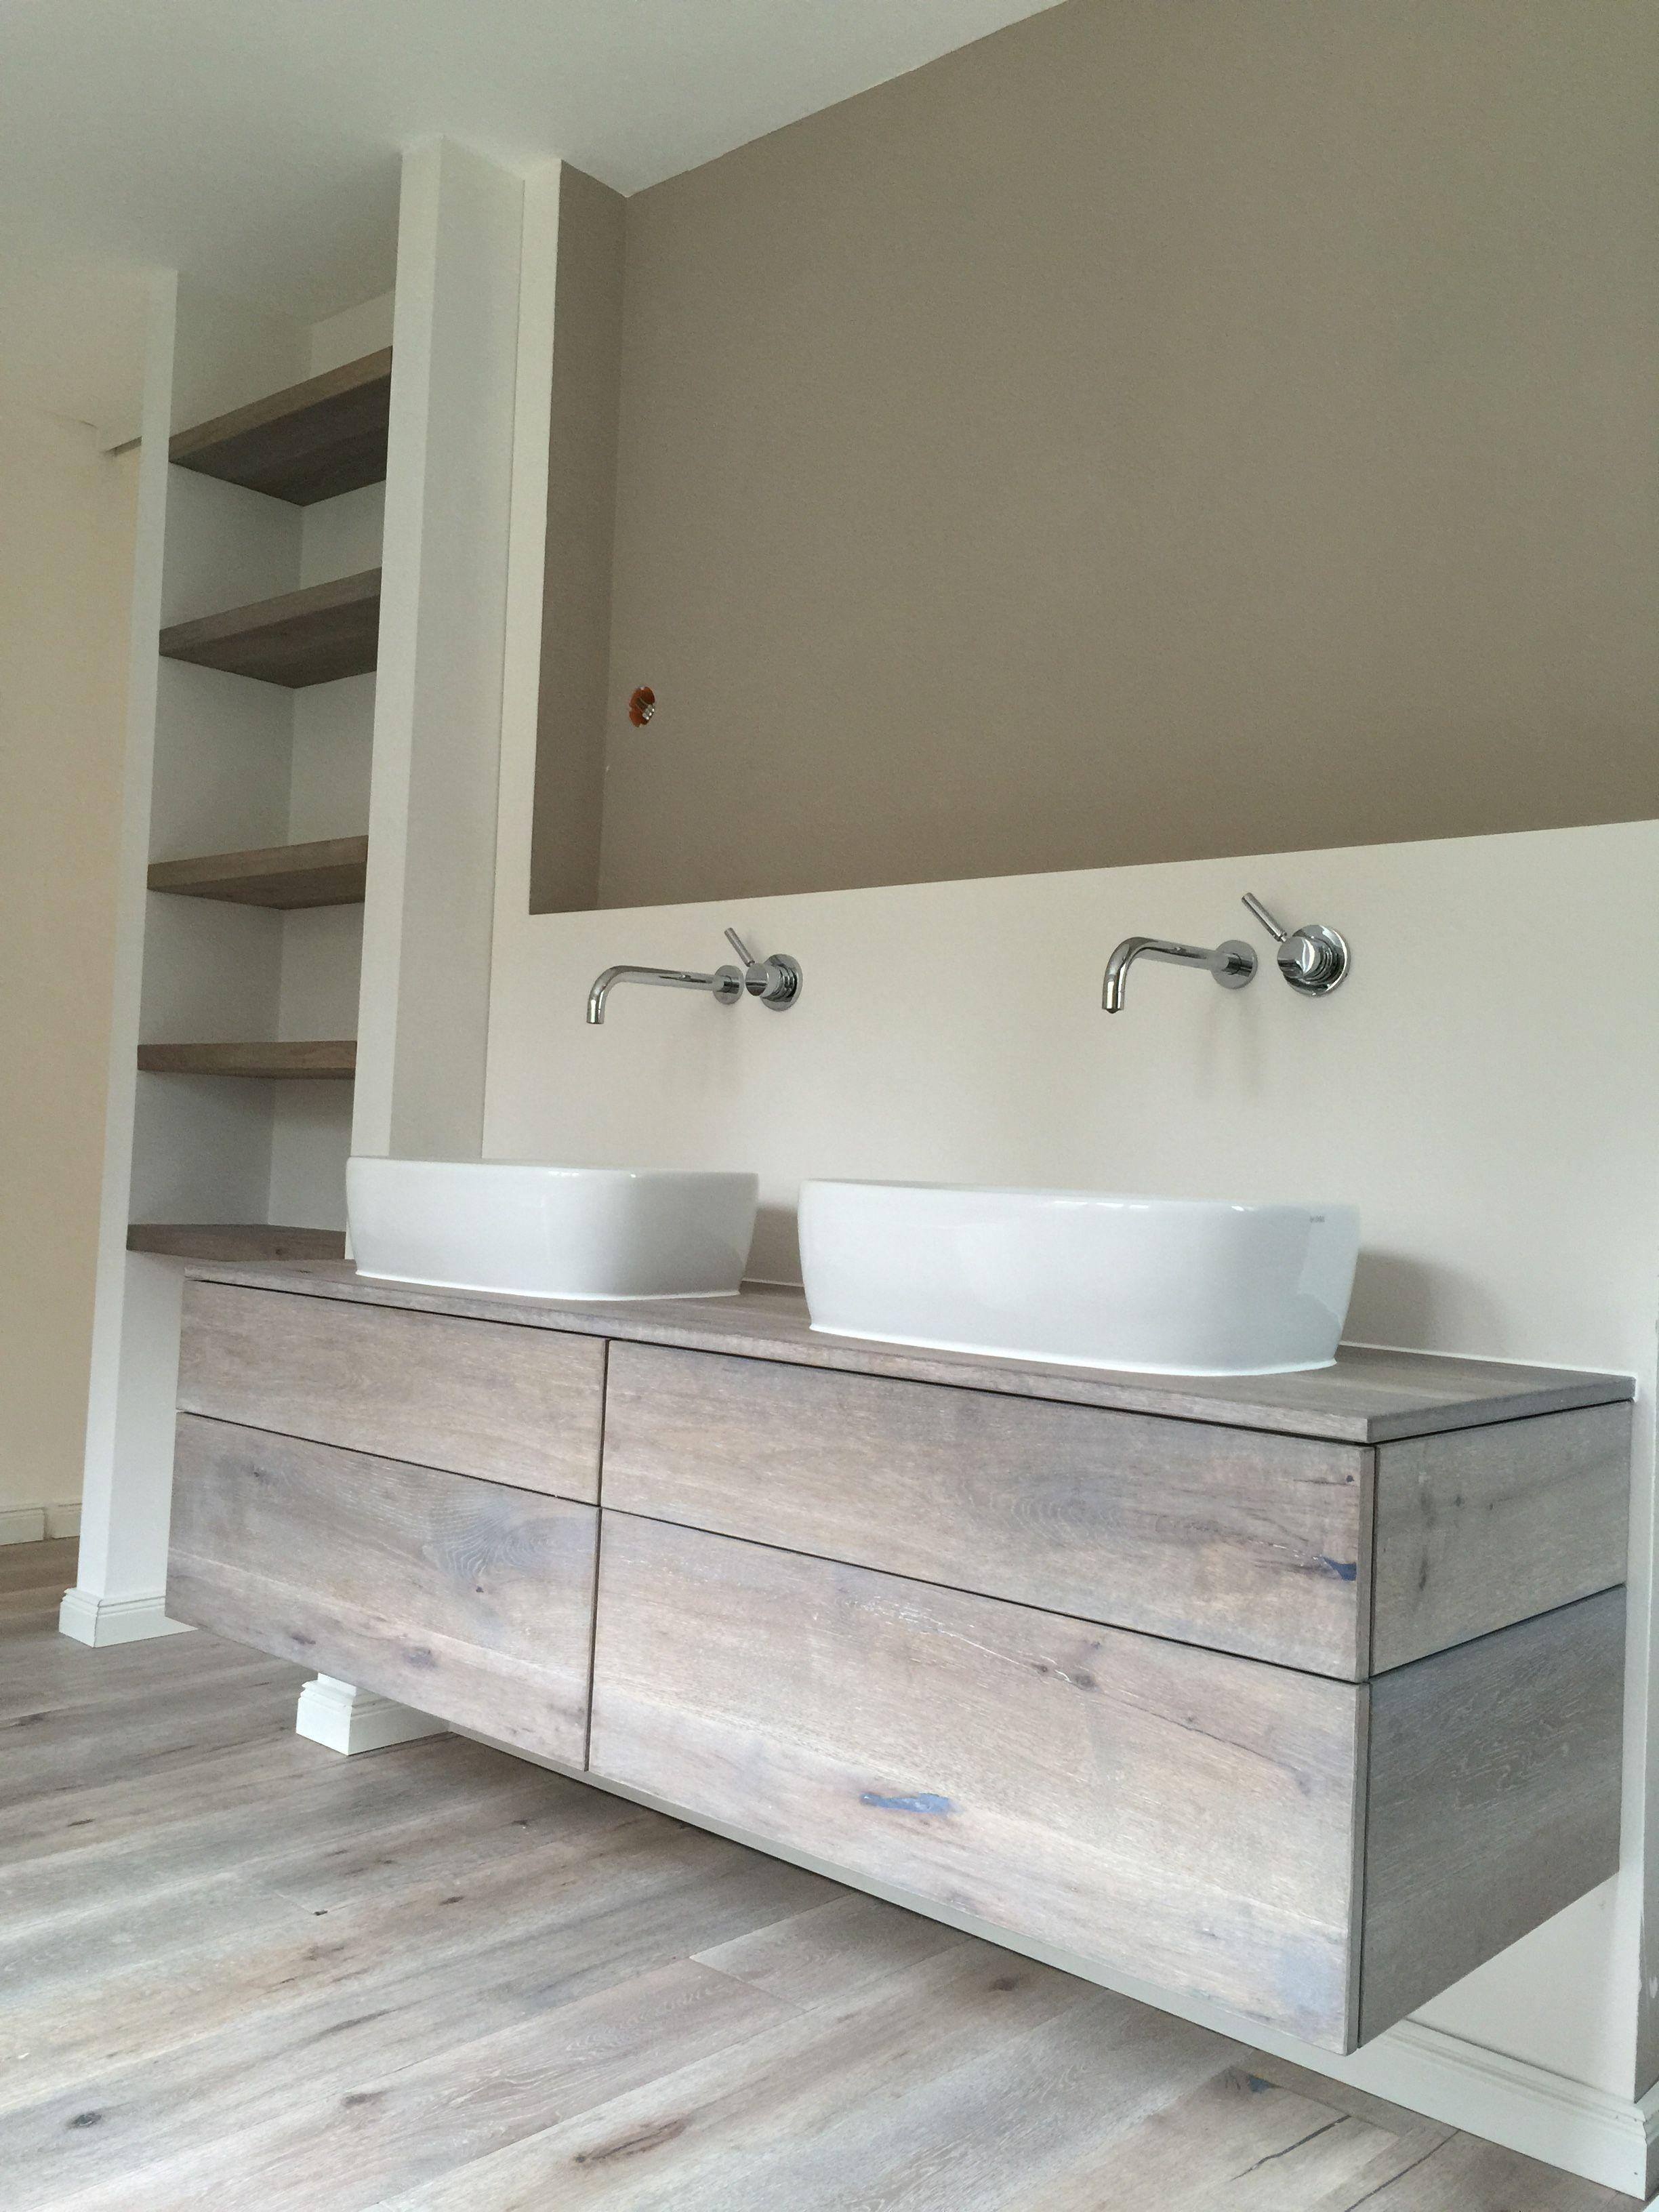 Waschtischunterschrank In Eiche Massivholz Vintage Look Mit